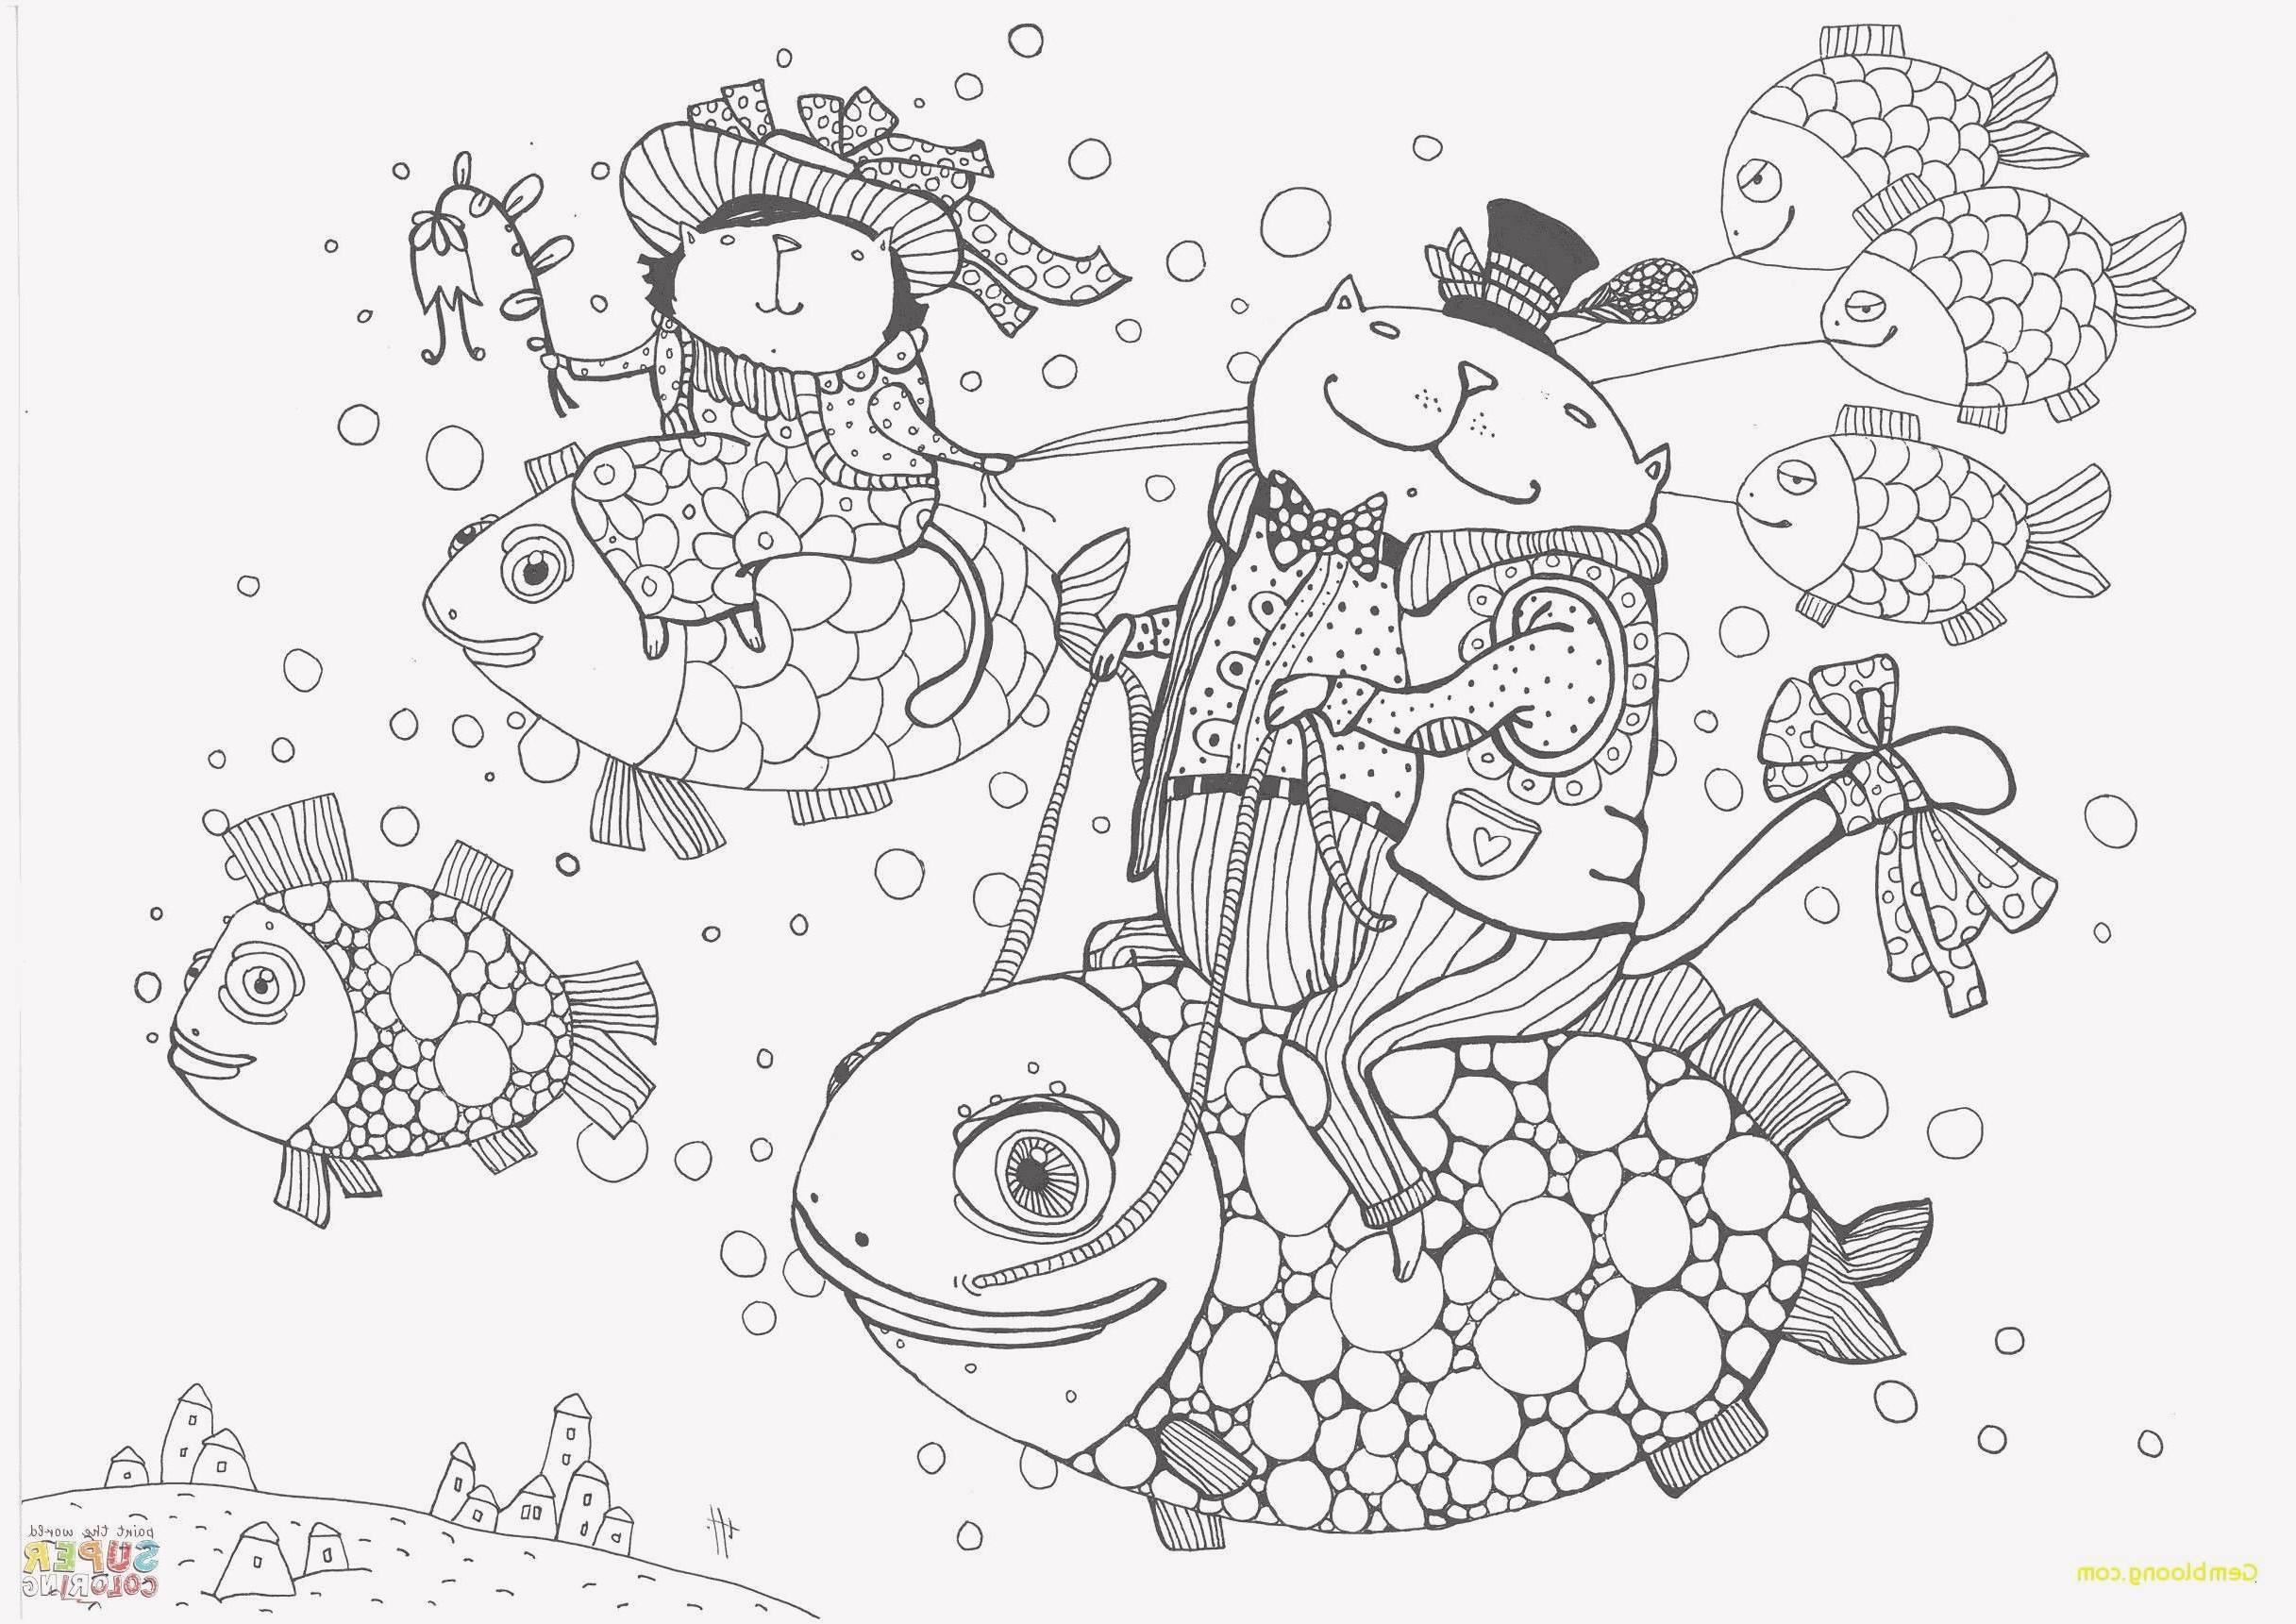 Einhorn Bilder Zum Drucken Einzigartig 31 Frisch Einhorn Ausmalbilder – Malvorlagen Ideen Sammlung